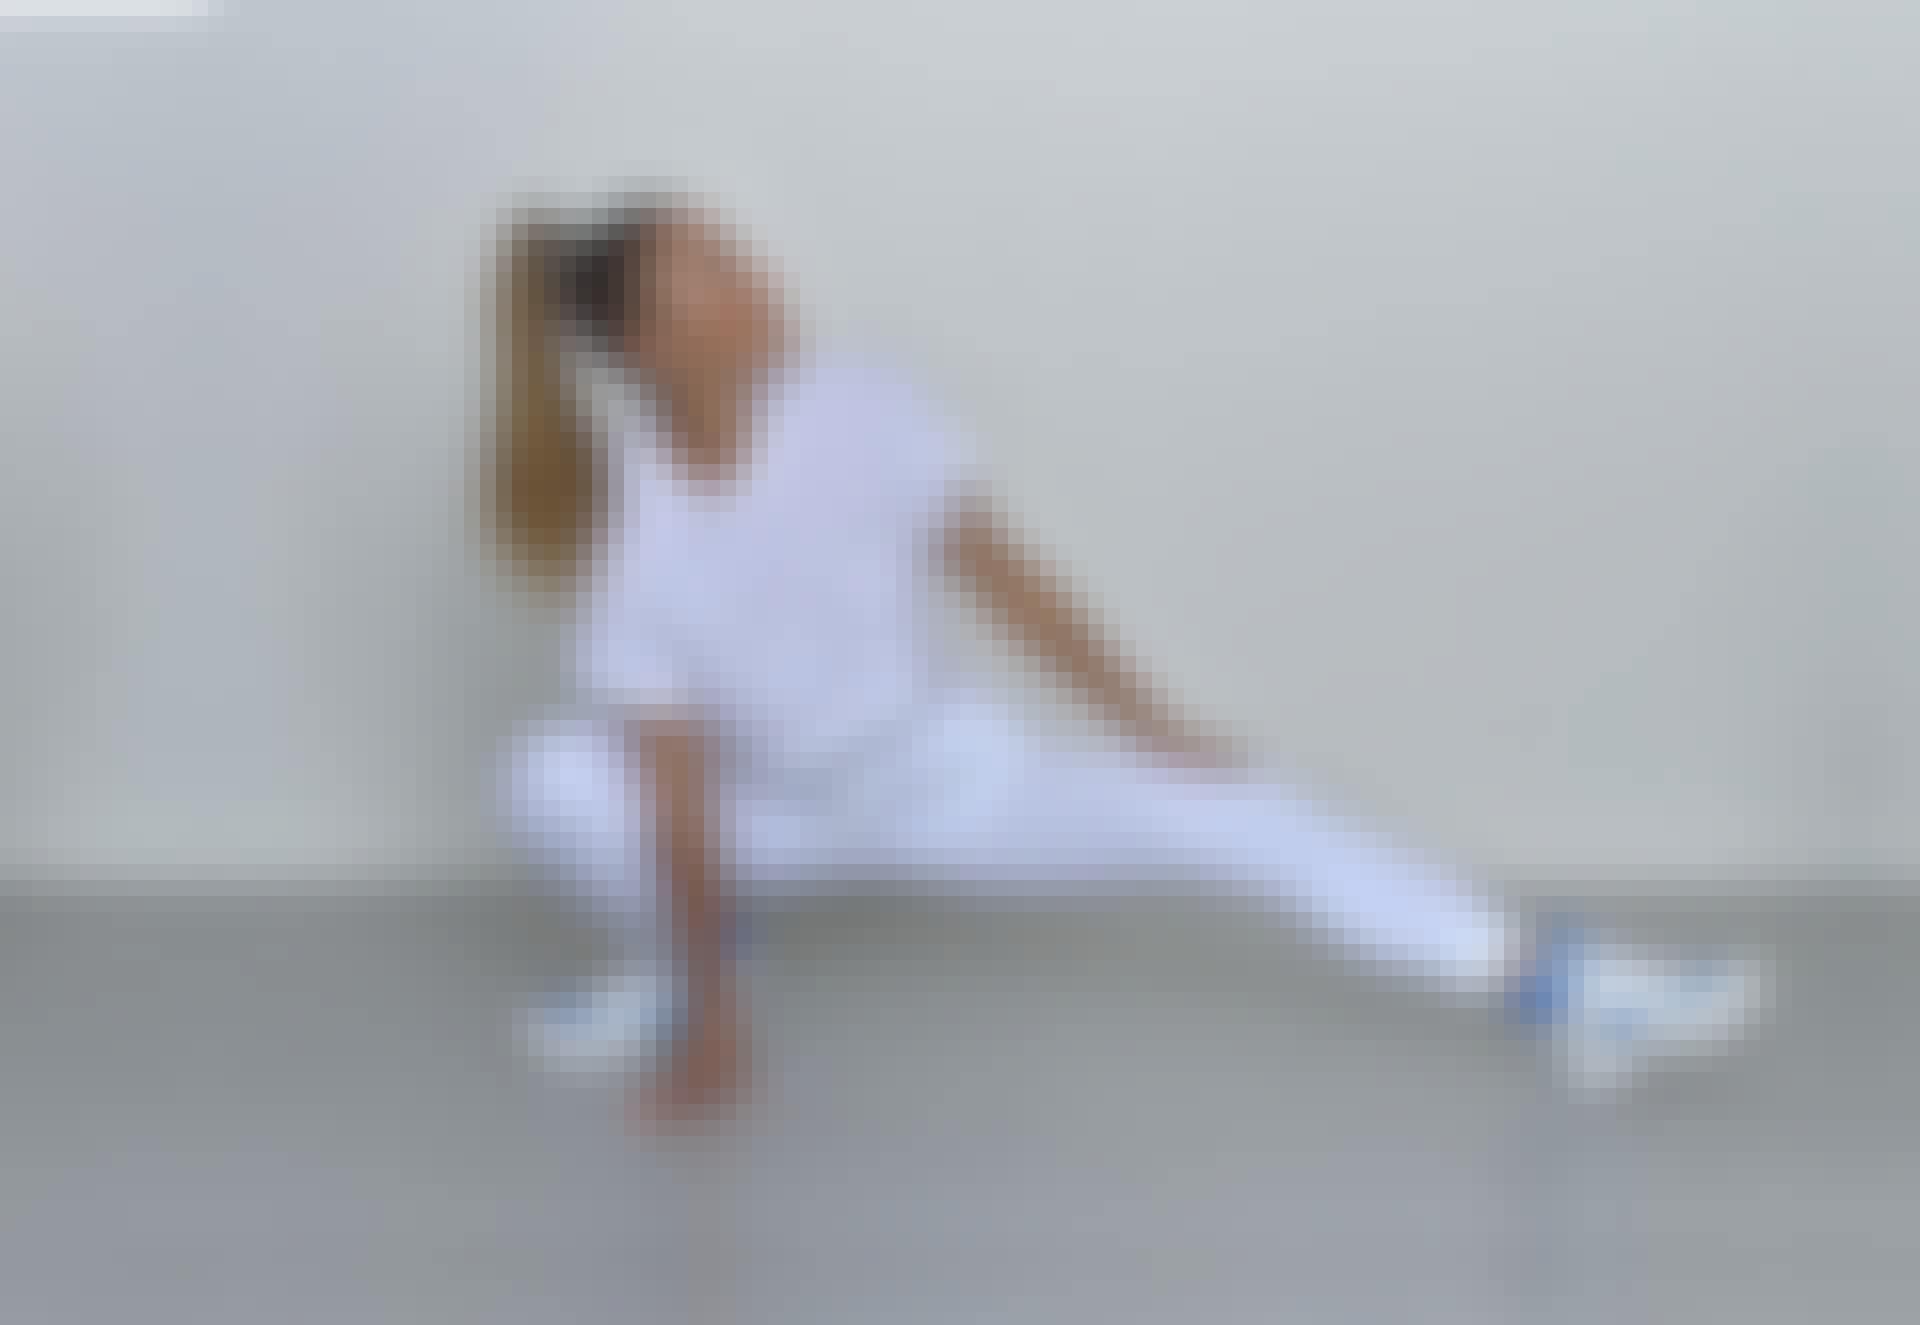 træning hjemme mave øvelser